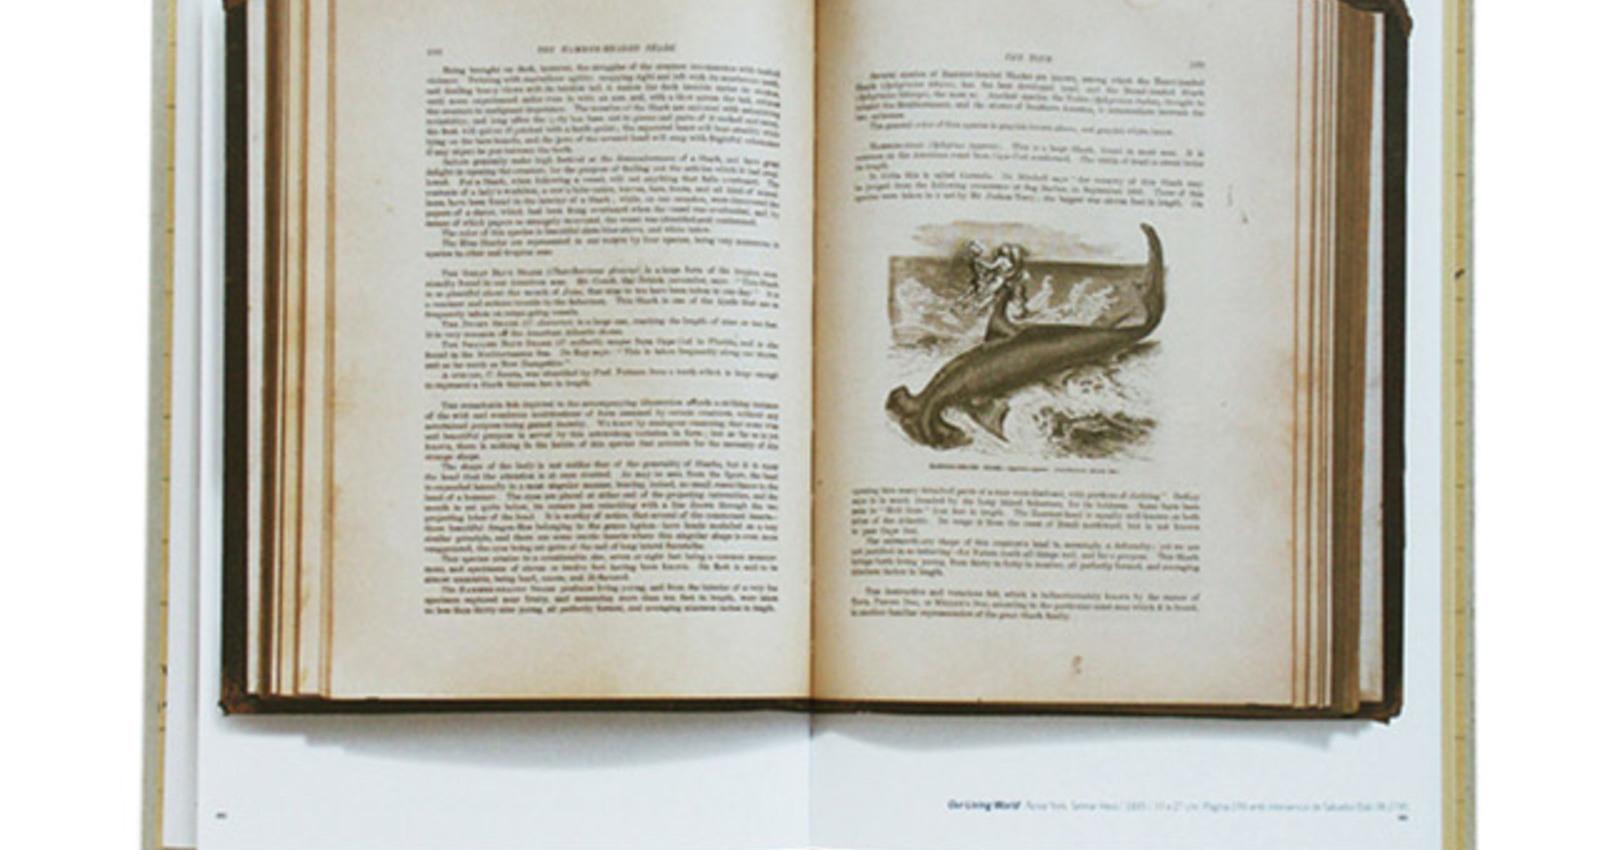 Dali Llibres